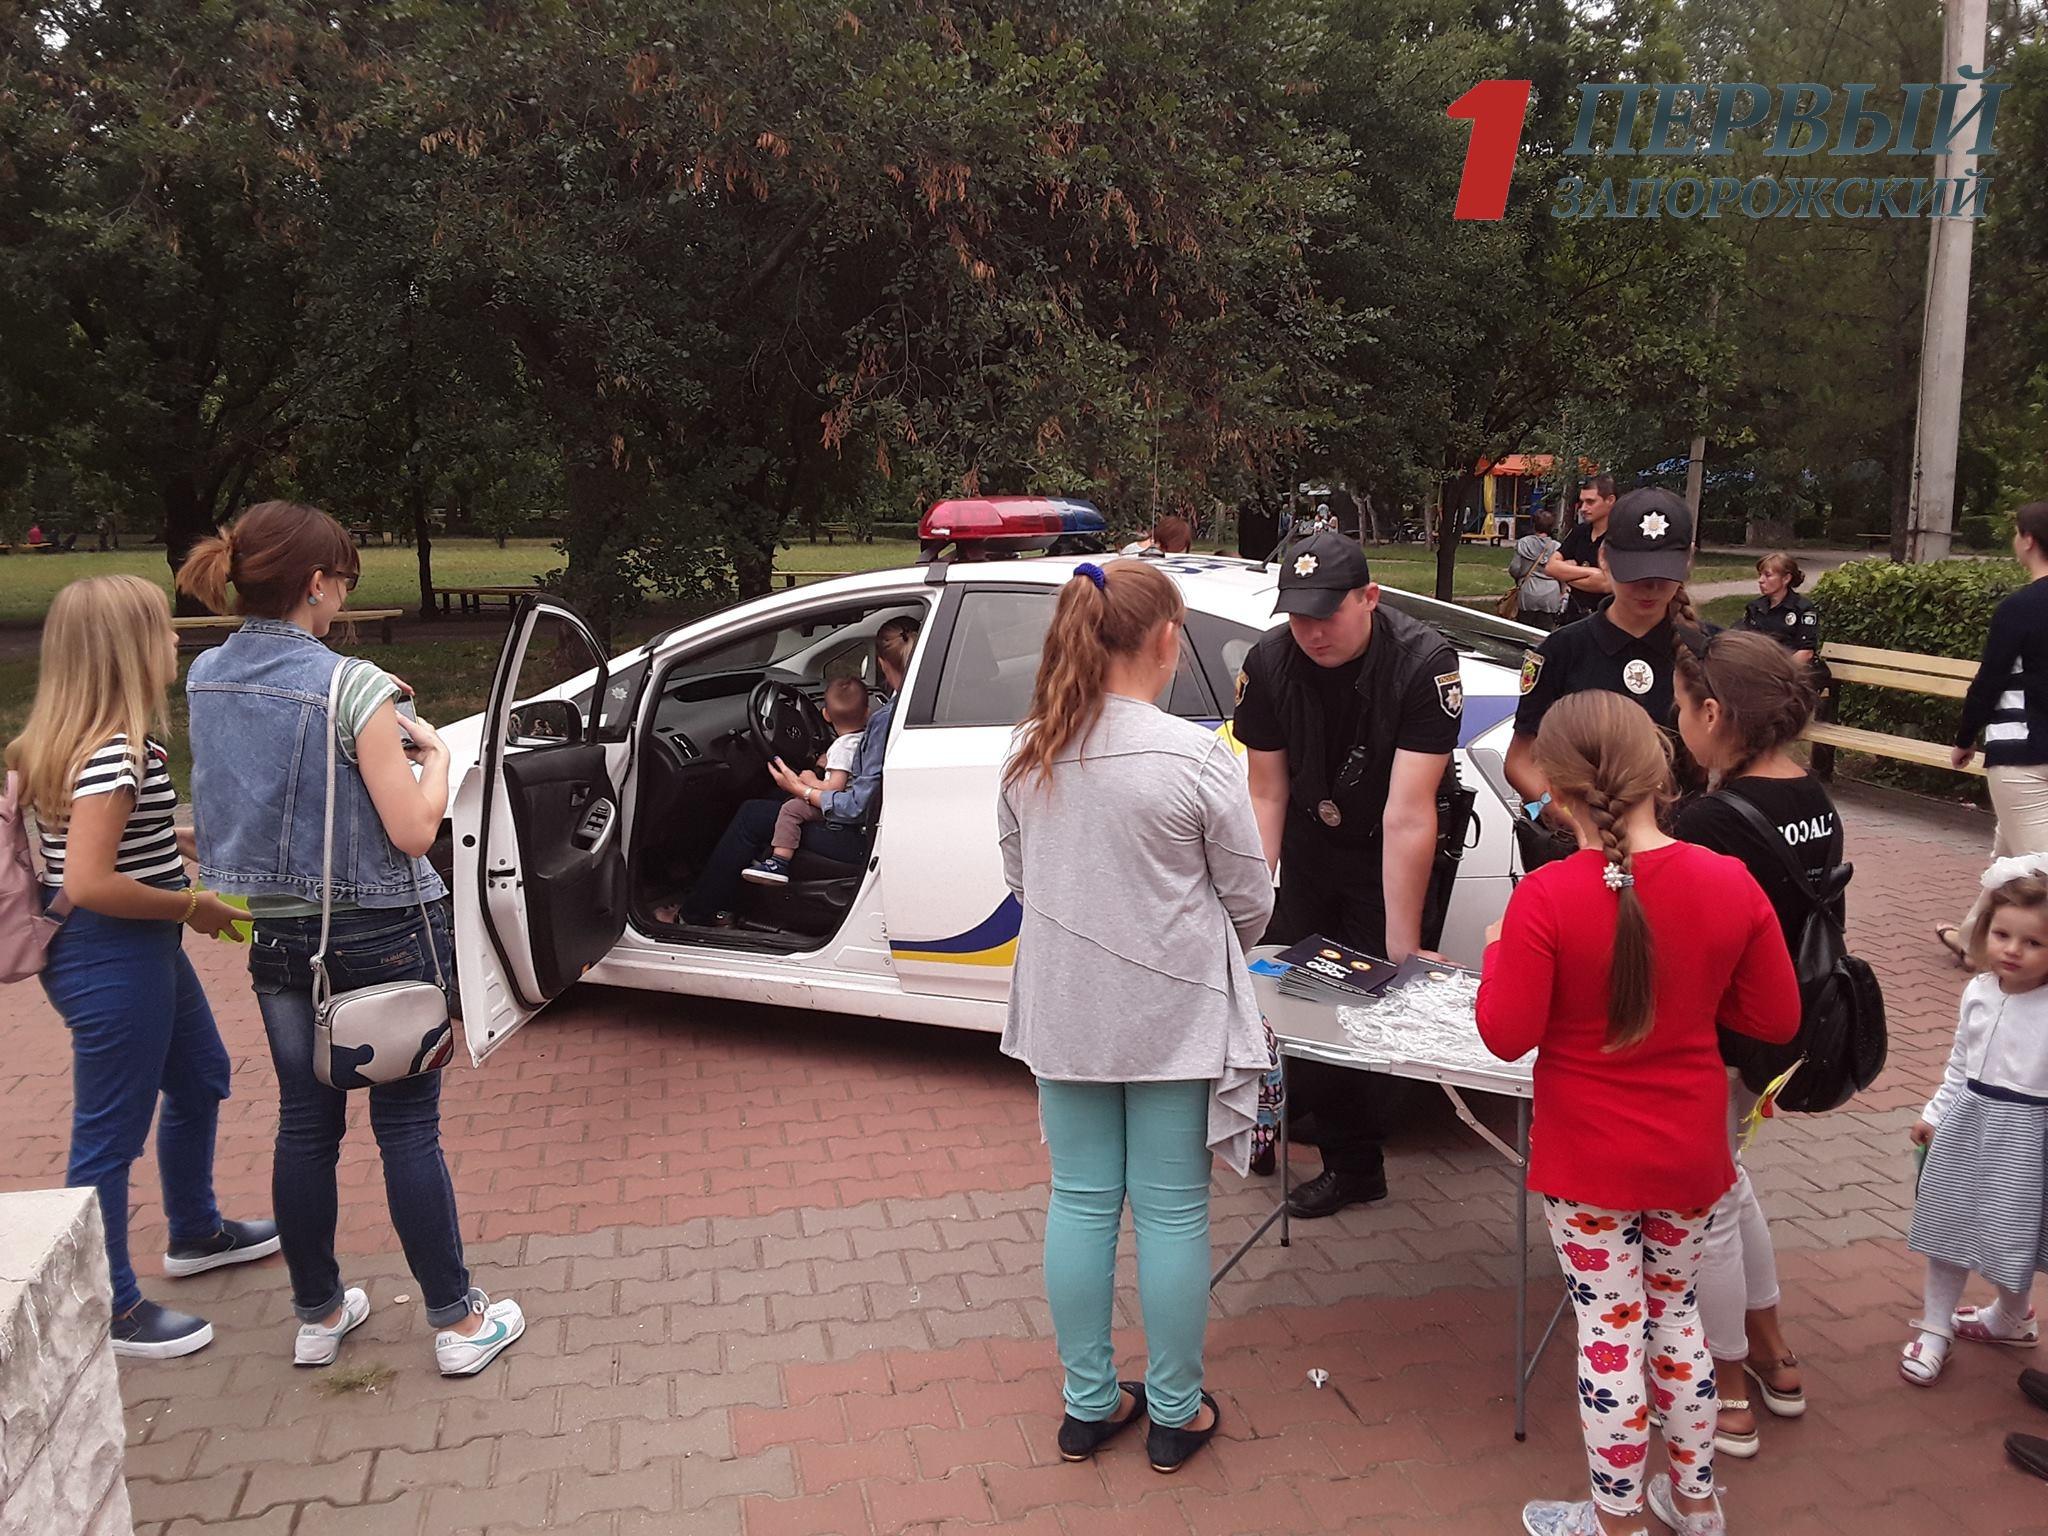 В Запорожье прошла акция, посвященная Всемирному дню борьбы с торговлей людьми - ФОТО